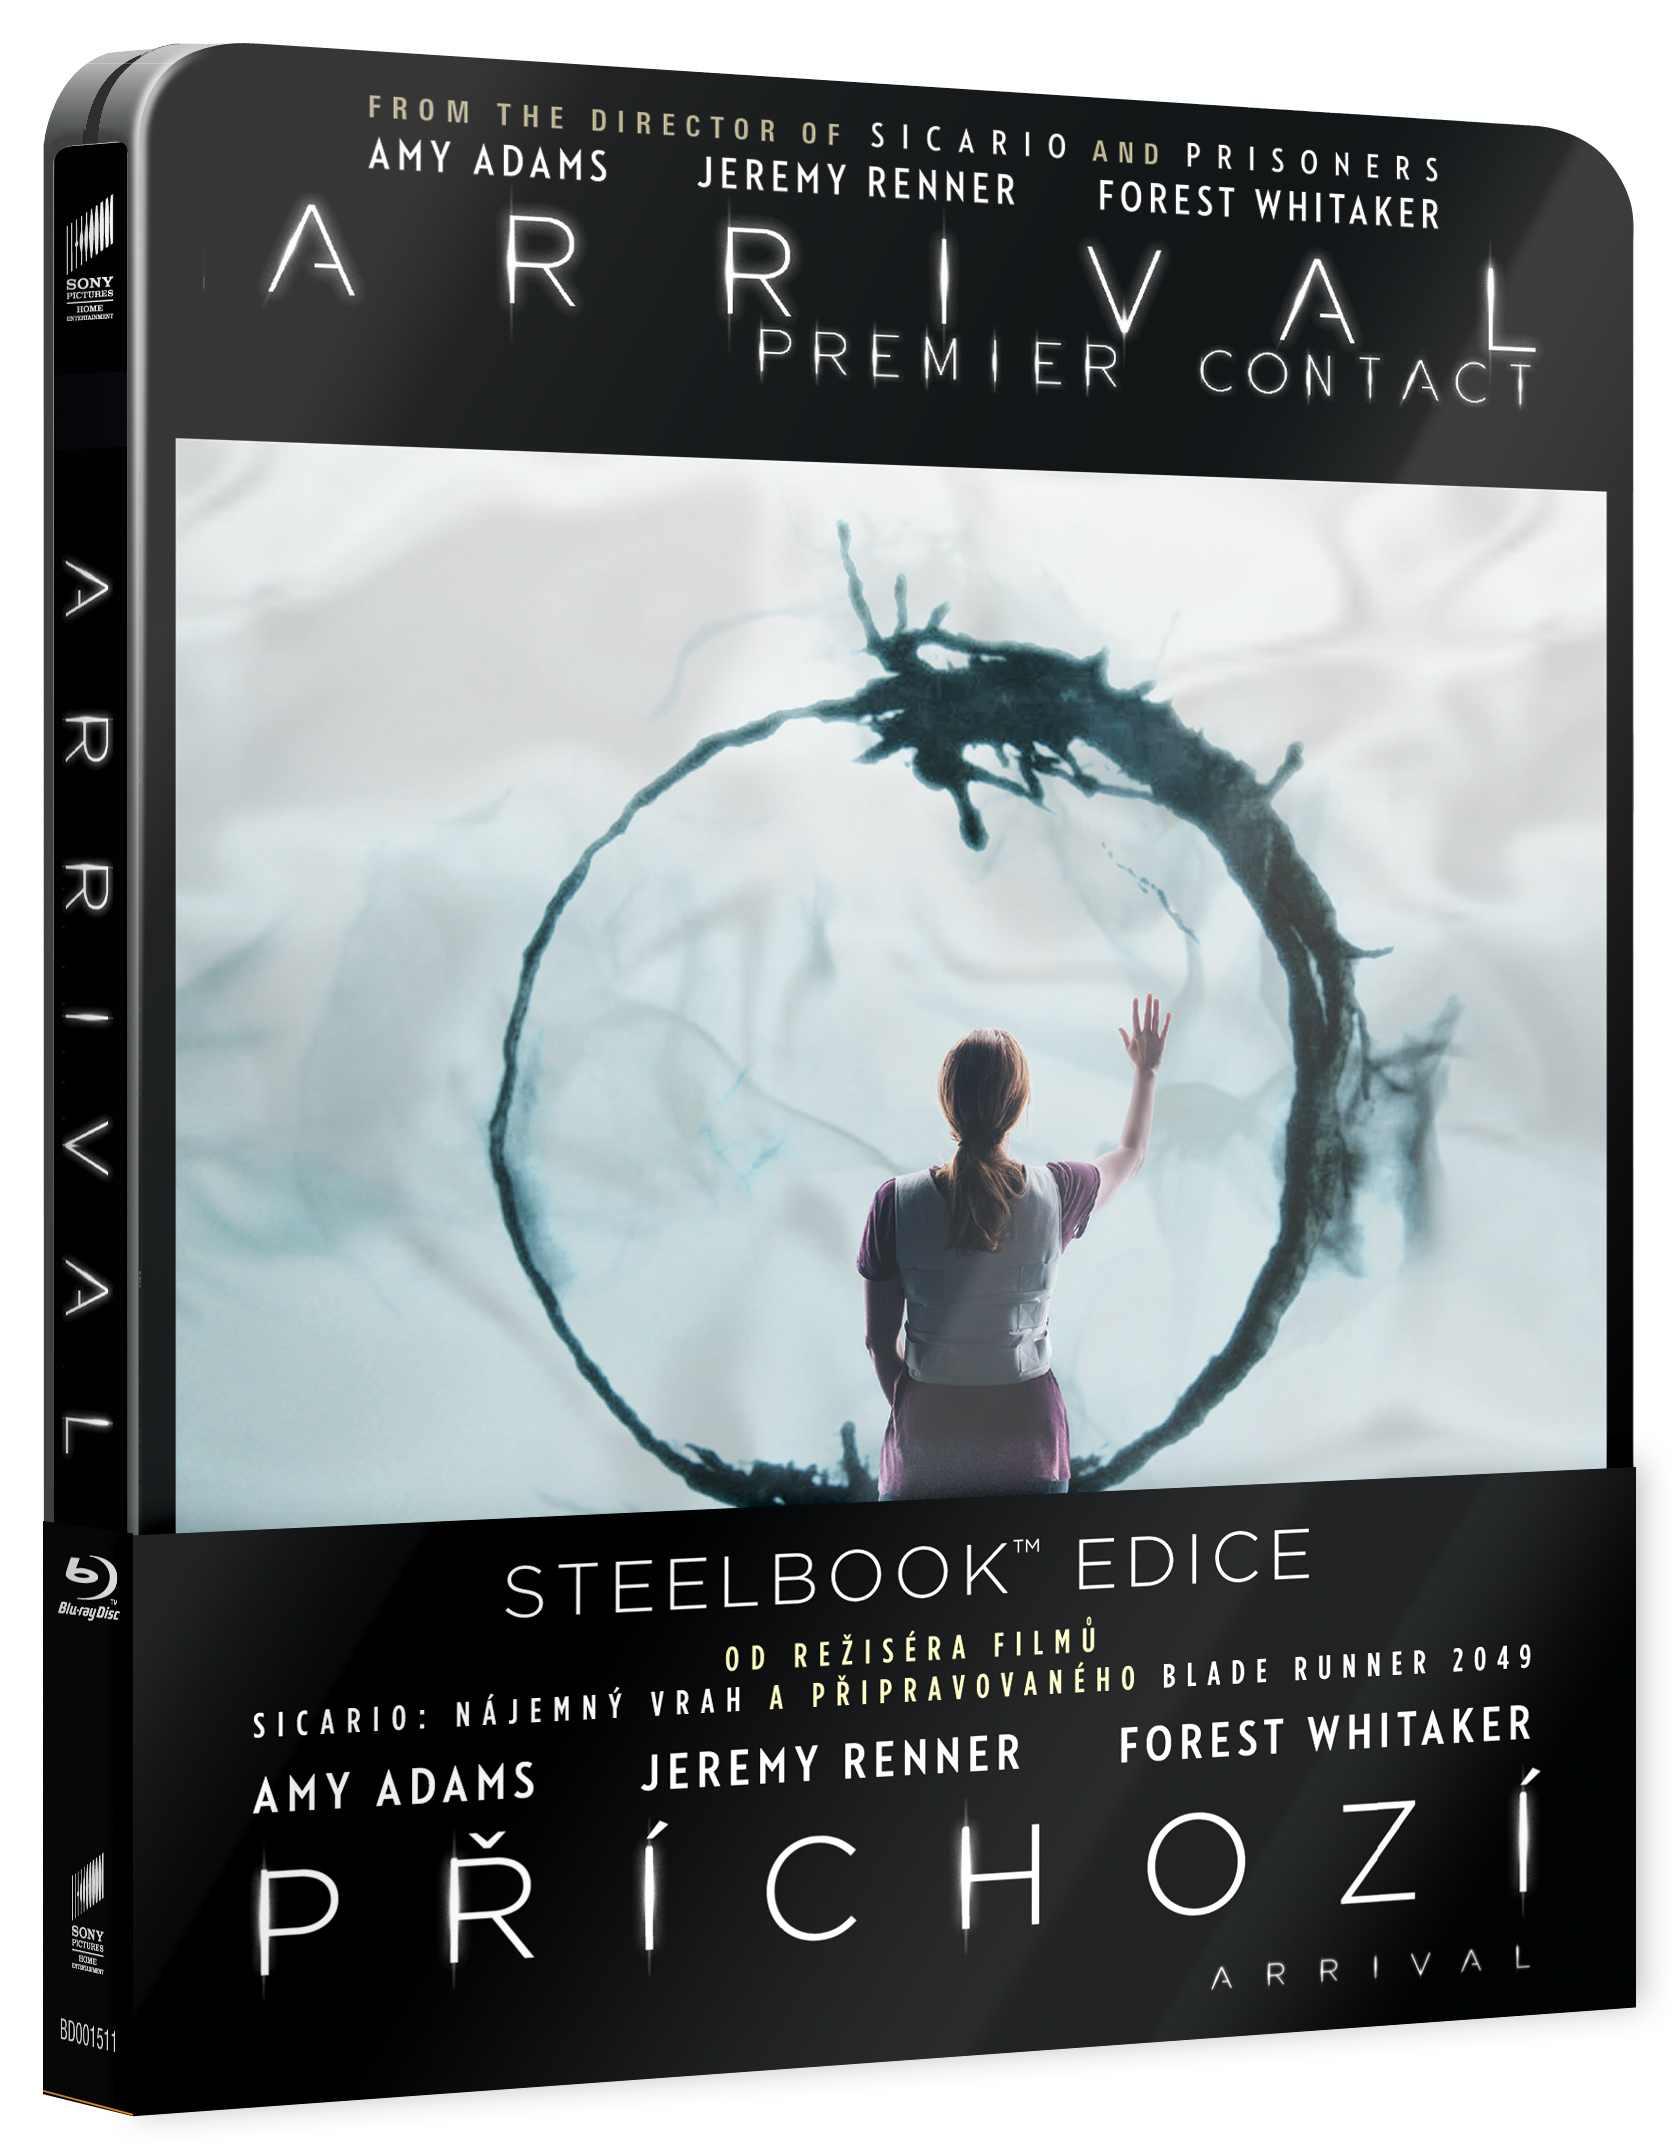 PŘÍCHOZÍ - Blu-ray STEELBOOK